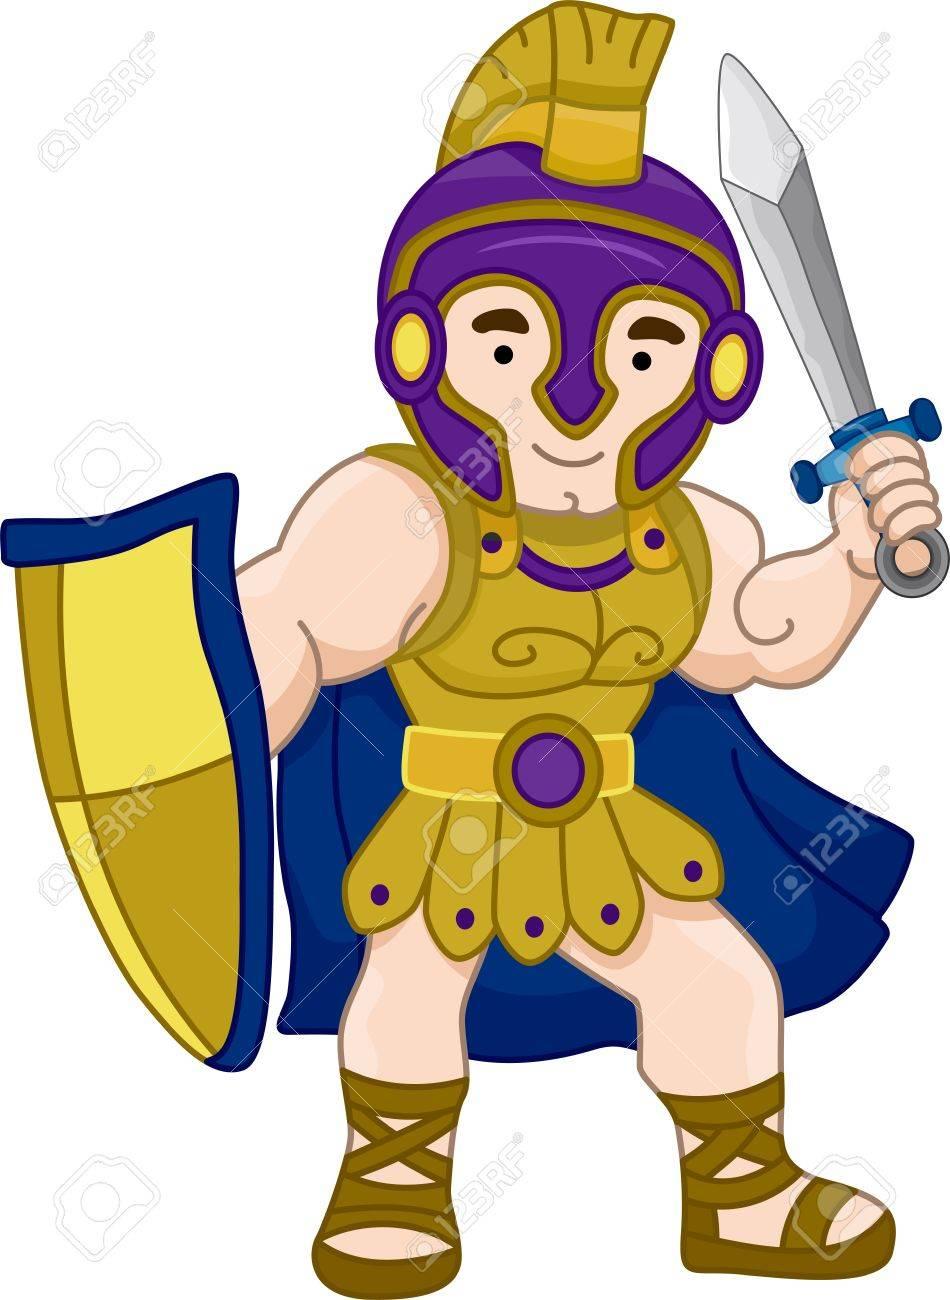 古代ギリシャの戦士のイラスト の写真素材画像素材 Image 17430197